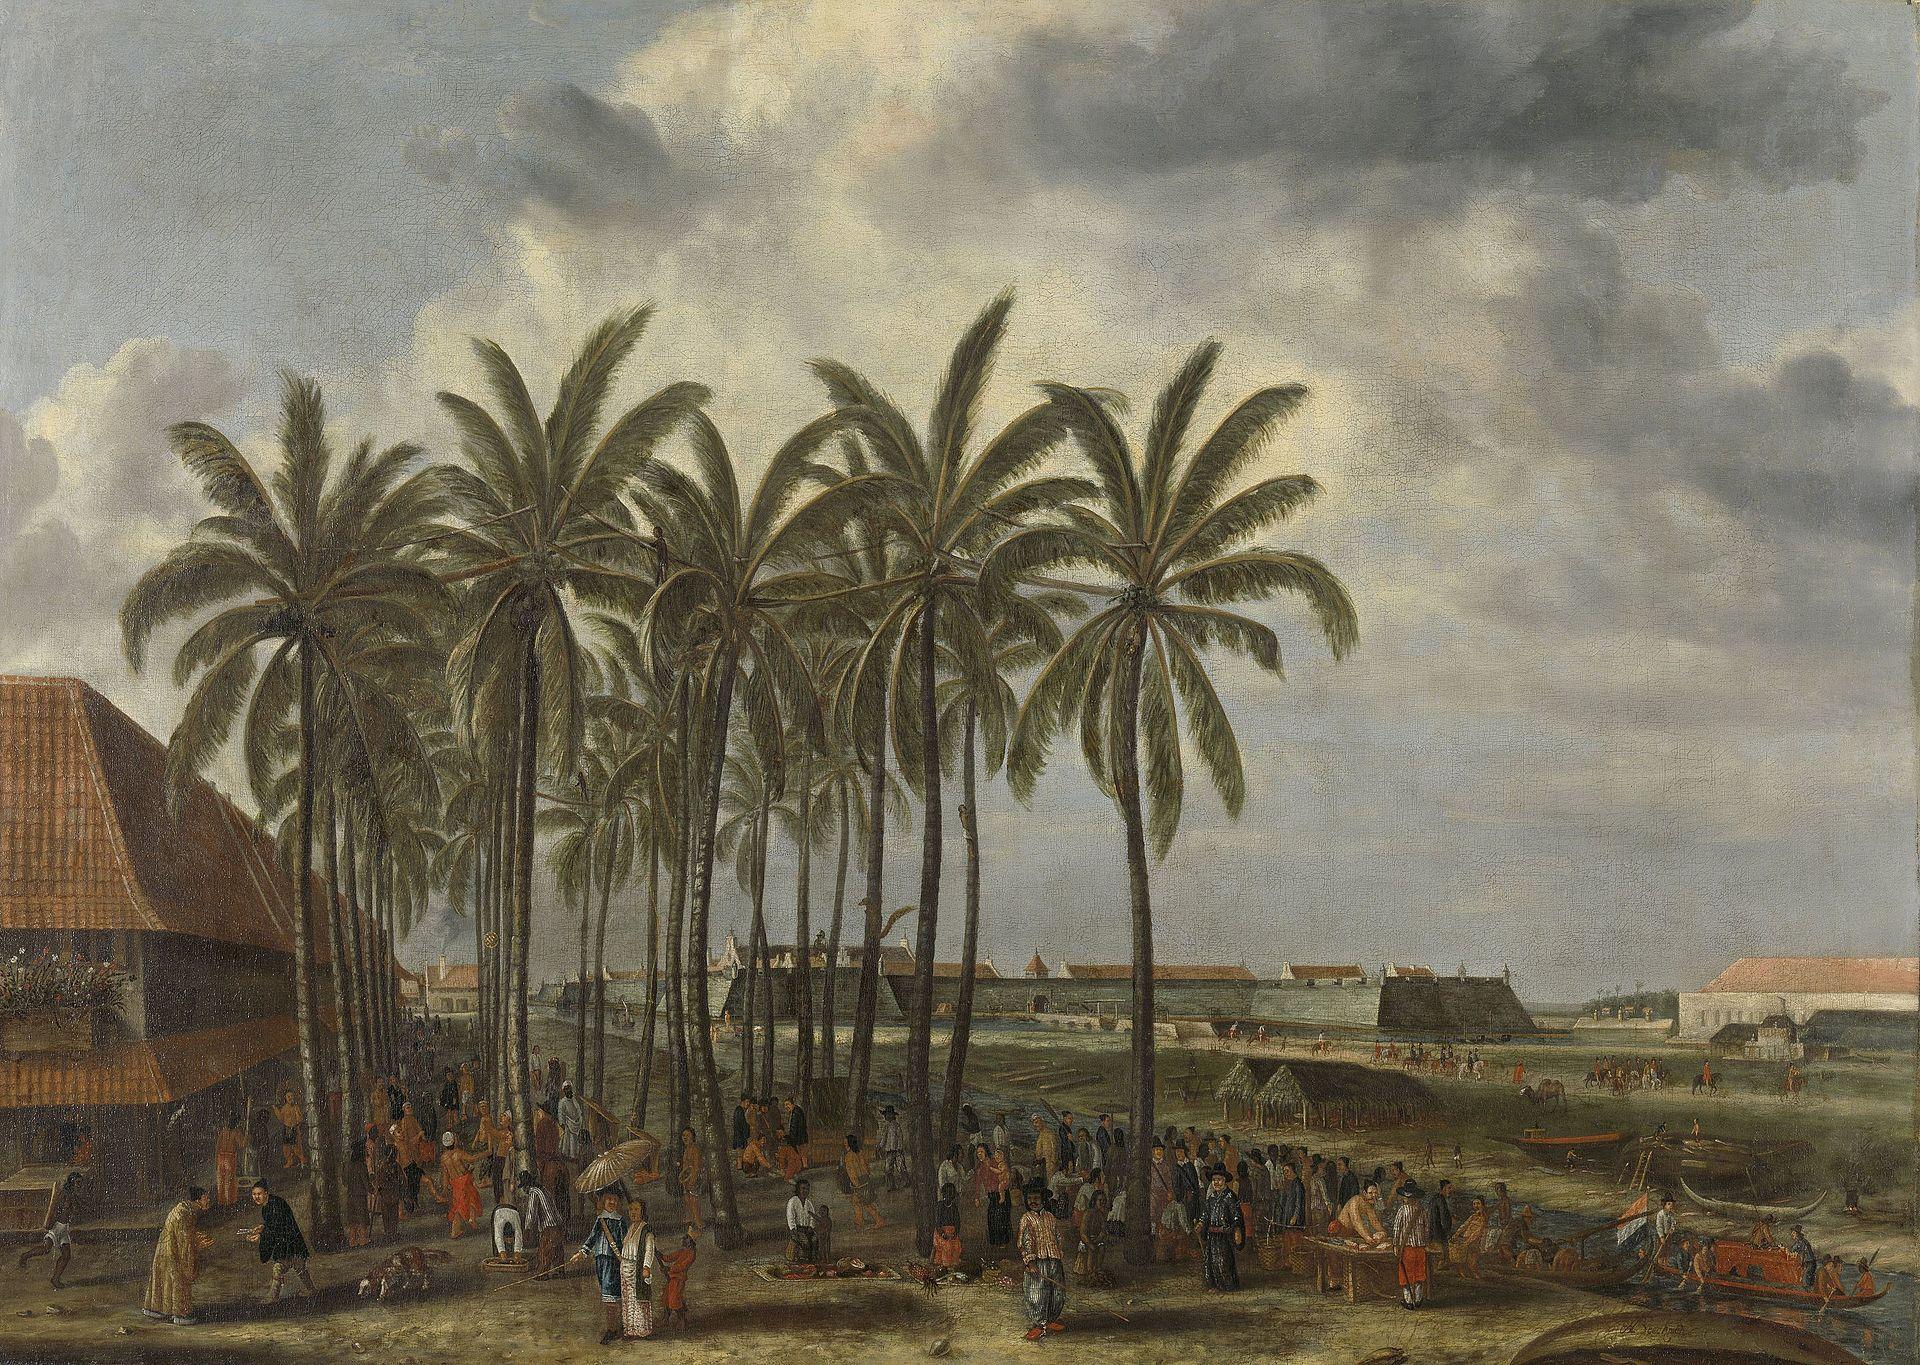 via Rijks Museum